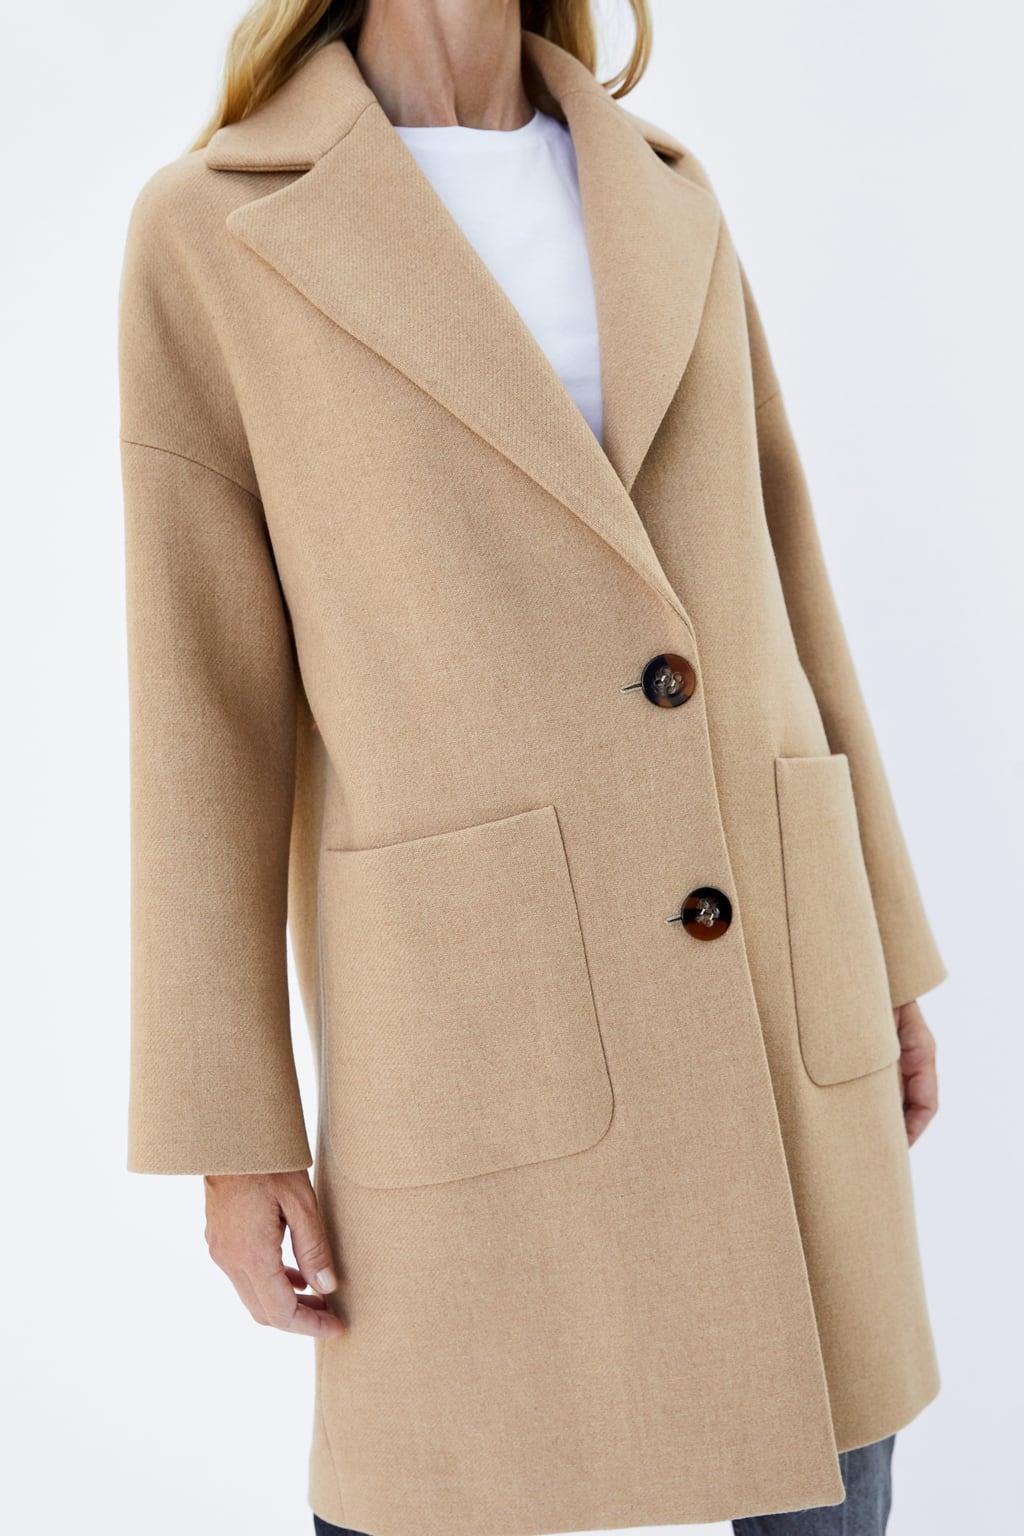 1099ac54 Zara rebajas 2019: las mejores prendas y accesorios - InStyle